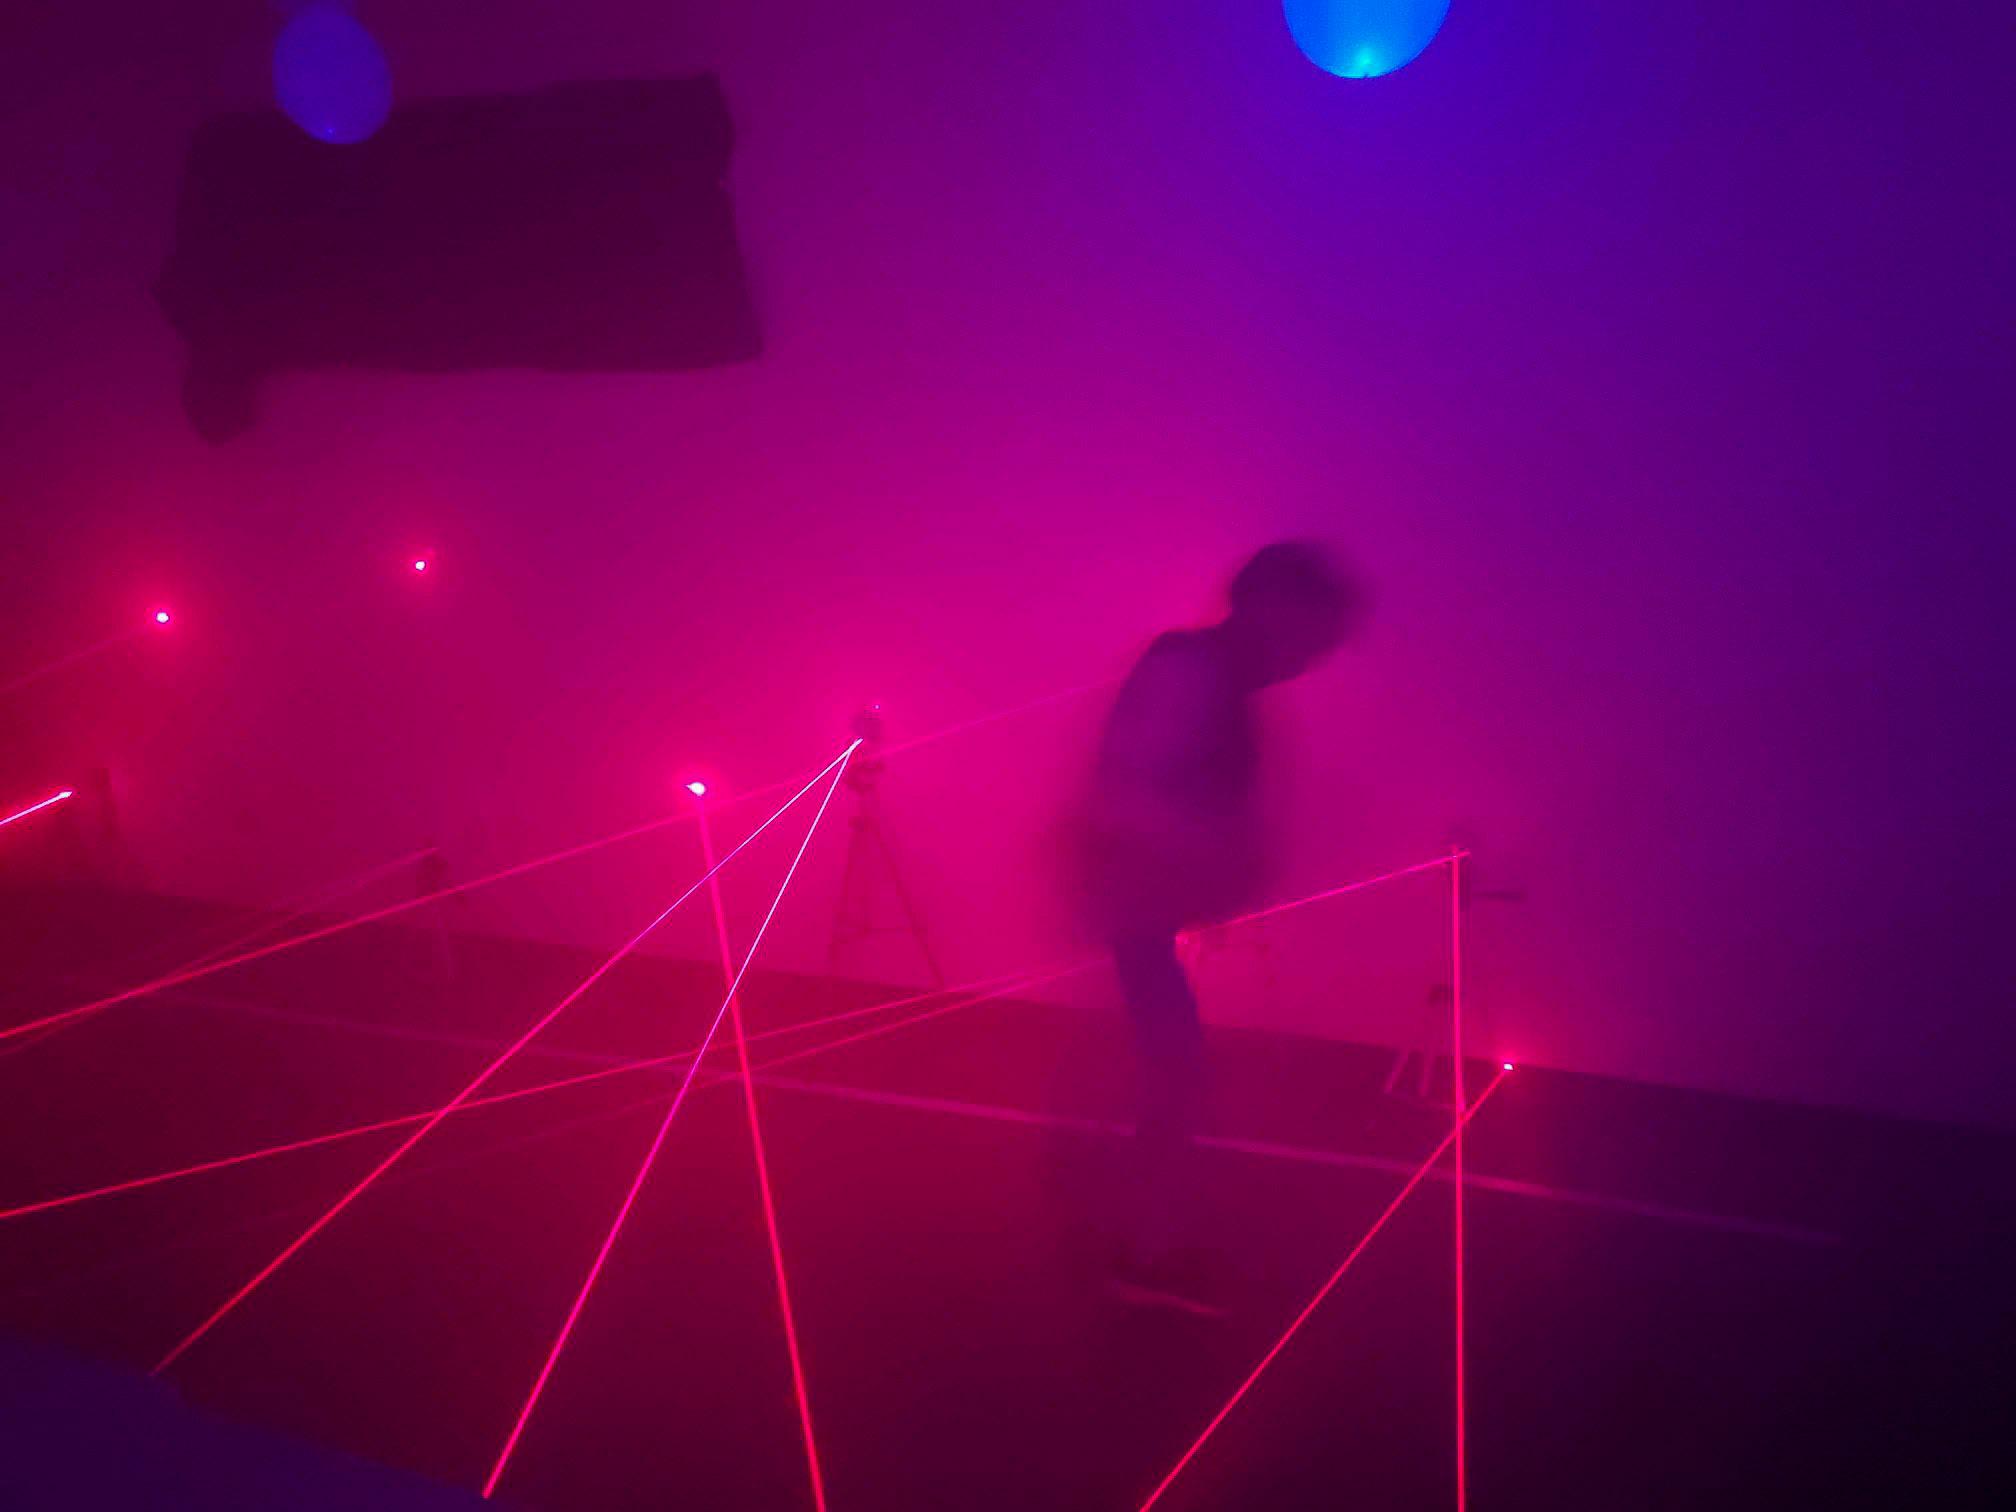 laser obstacles